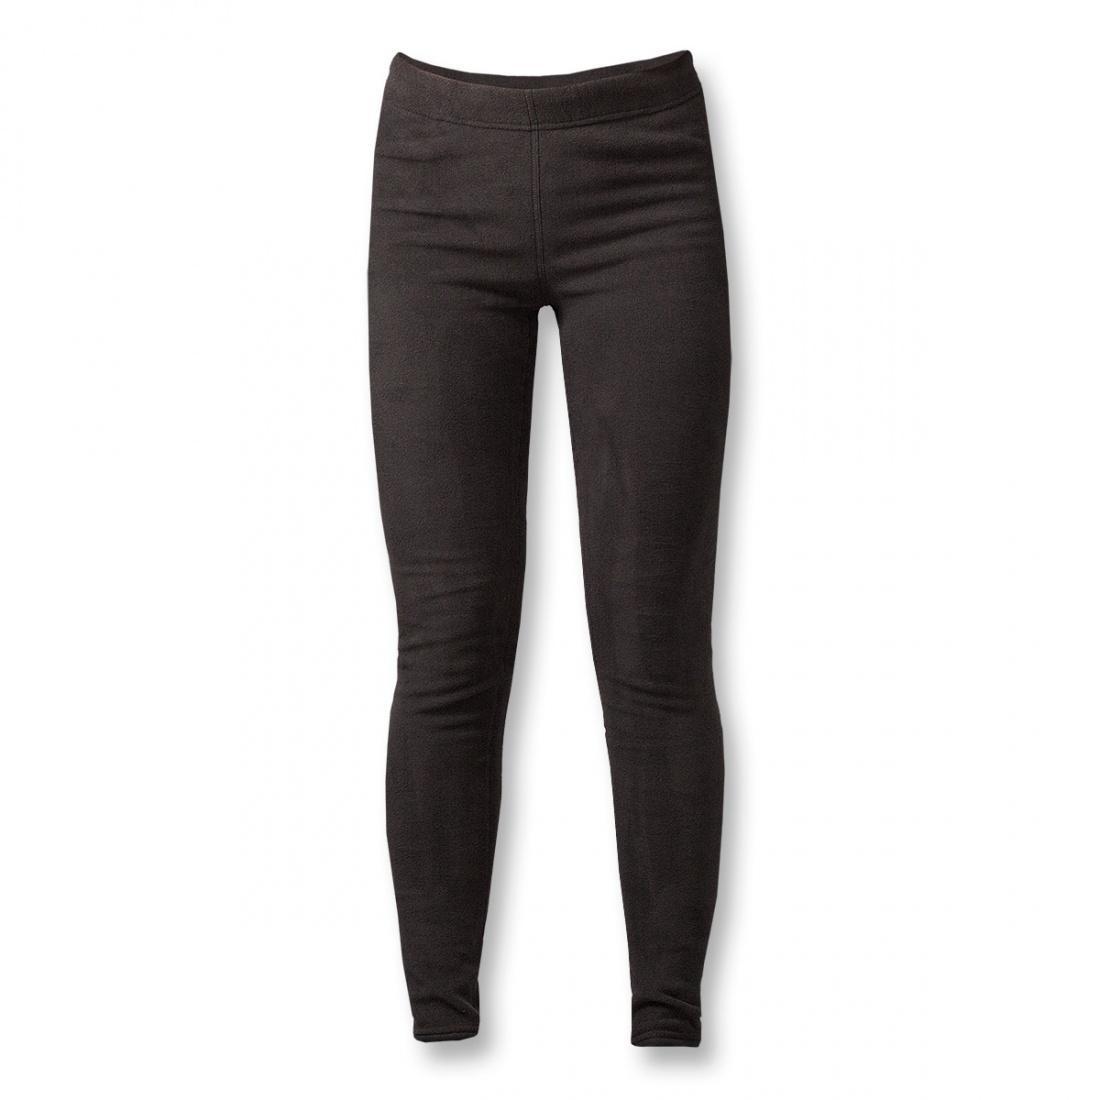 Термобелье брюки Penguin 100 Micro ЖенскиеБрюки<br><br> Комфортные брюки свободного кроя из материалаPolartec®Micro. благодаря особой конструкции микроволокон, обладают высокими теплоизолирующимисвойствами и создают благоприятный микроклимат длятела. Могут использоваться в качестве базового слоя<br>...<br><br>Цвет: Черный<br>Размер: 48